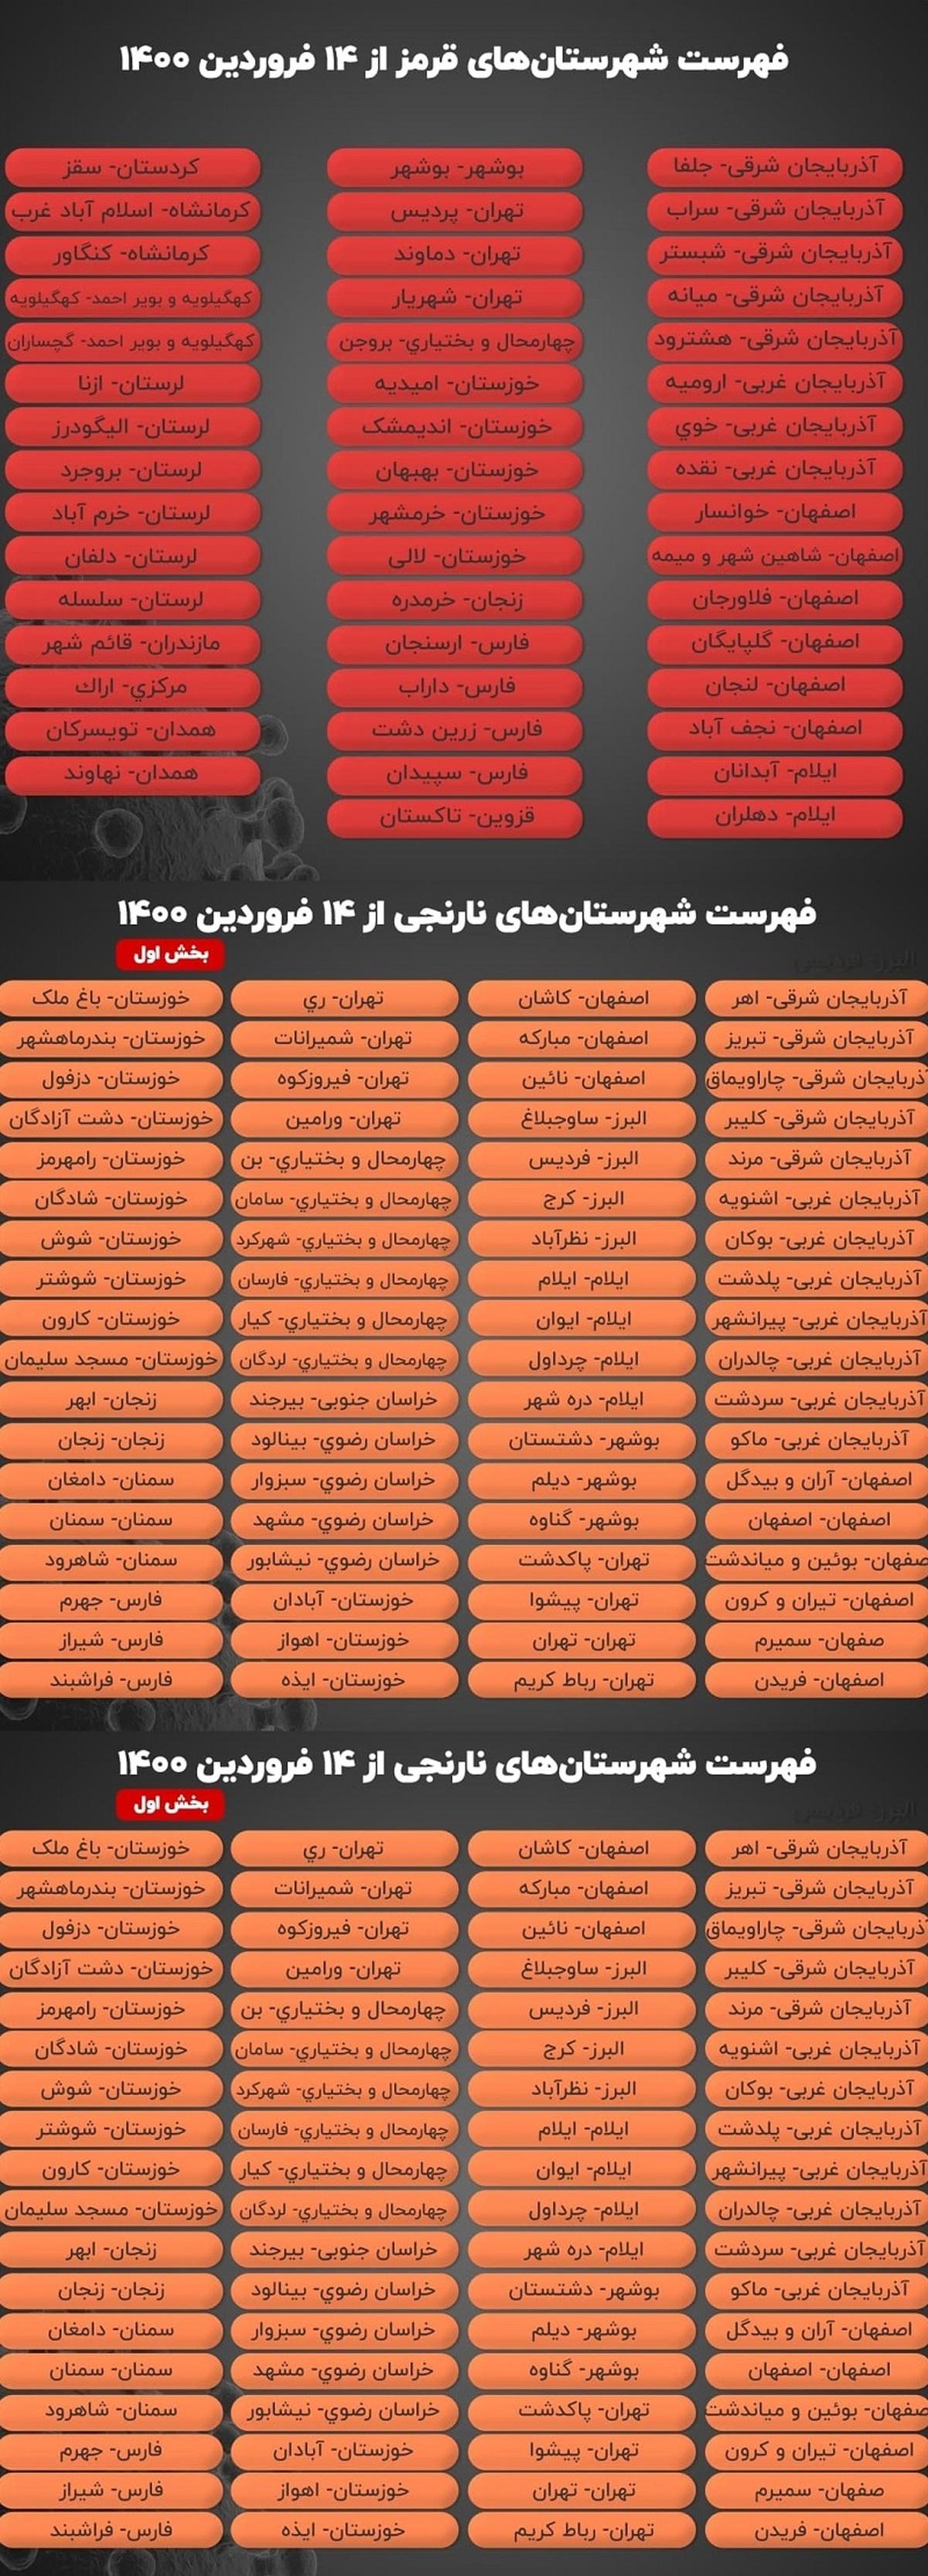 اعلام رنگ بندی جدید شهرهای کشور از ۱۴ فروردین؛ ۱۲۶ شهر نارنجی و ۴۷ شهر قرمز + جزییات